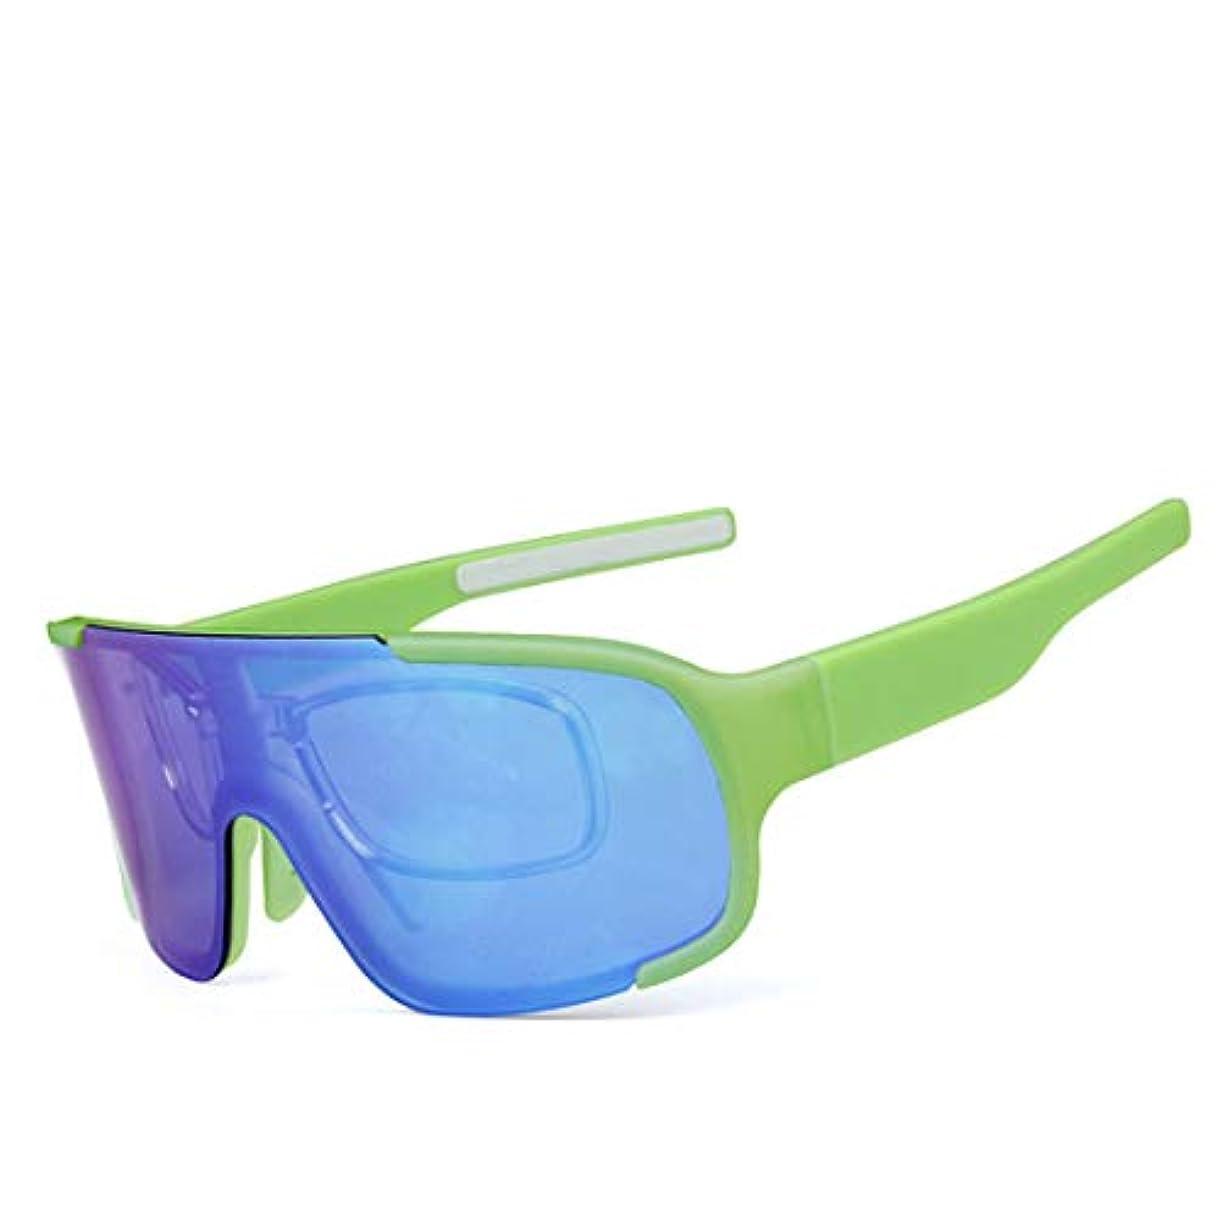 月曜日シフトベットFELICIAAA サイクリングメガネ自転車変色メガネアウトドアサイクリング愛好家に最適な屋外用メガネ (色 : A005)